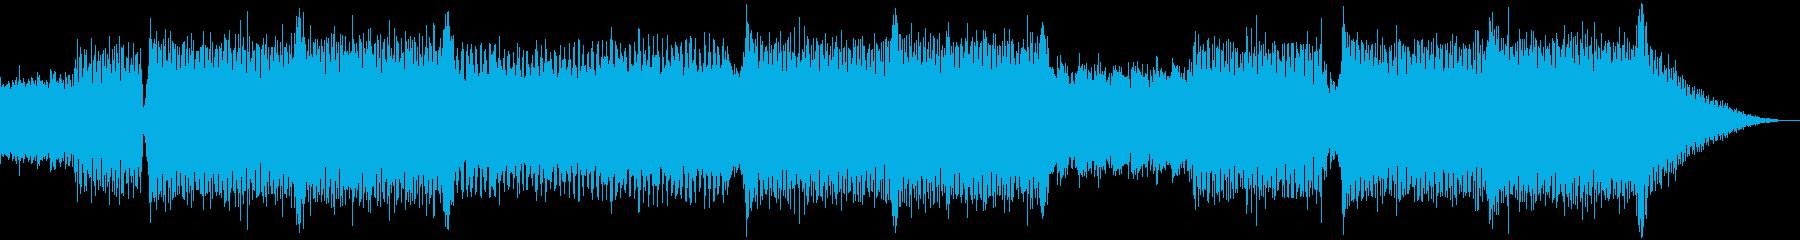 明るい応援ソング(エレクトロニック)の再生済みの波形